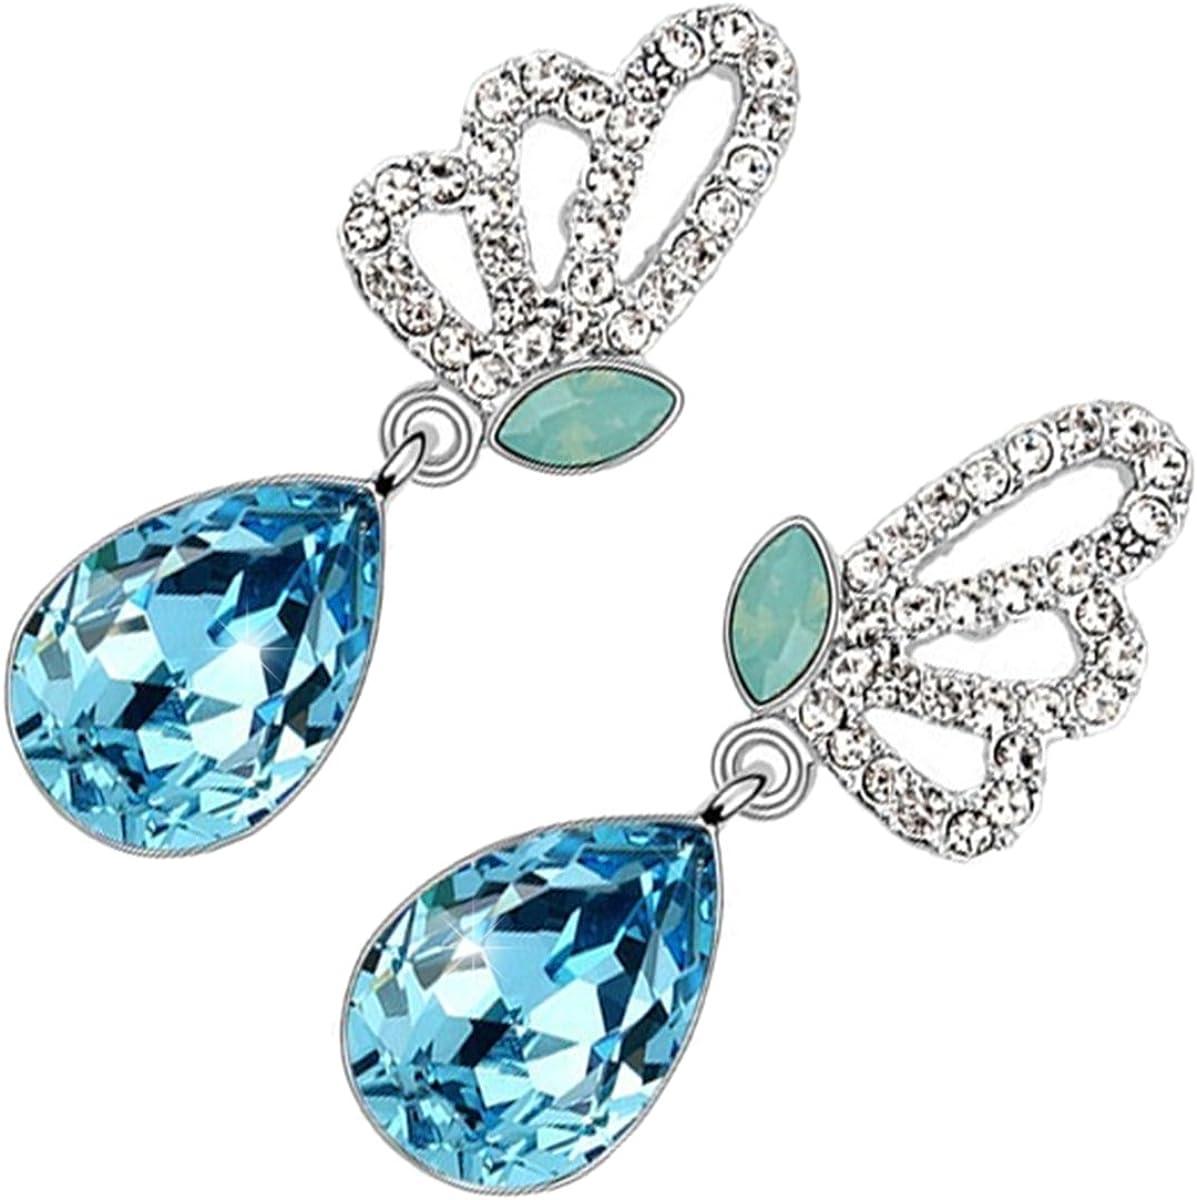 GWG Jewellery Pendientes Mujer Regalo Pendientes, Chapados en Plata de Ley Alas de Mariposa Adornadas con Cristales Blancos y Piedra Colgante de Colores Varios en Forma de Gota de Agua para Mujeres